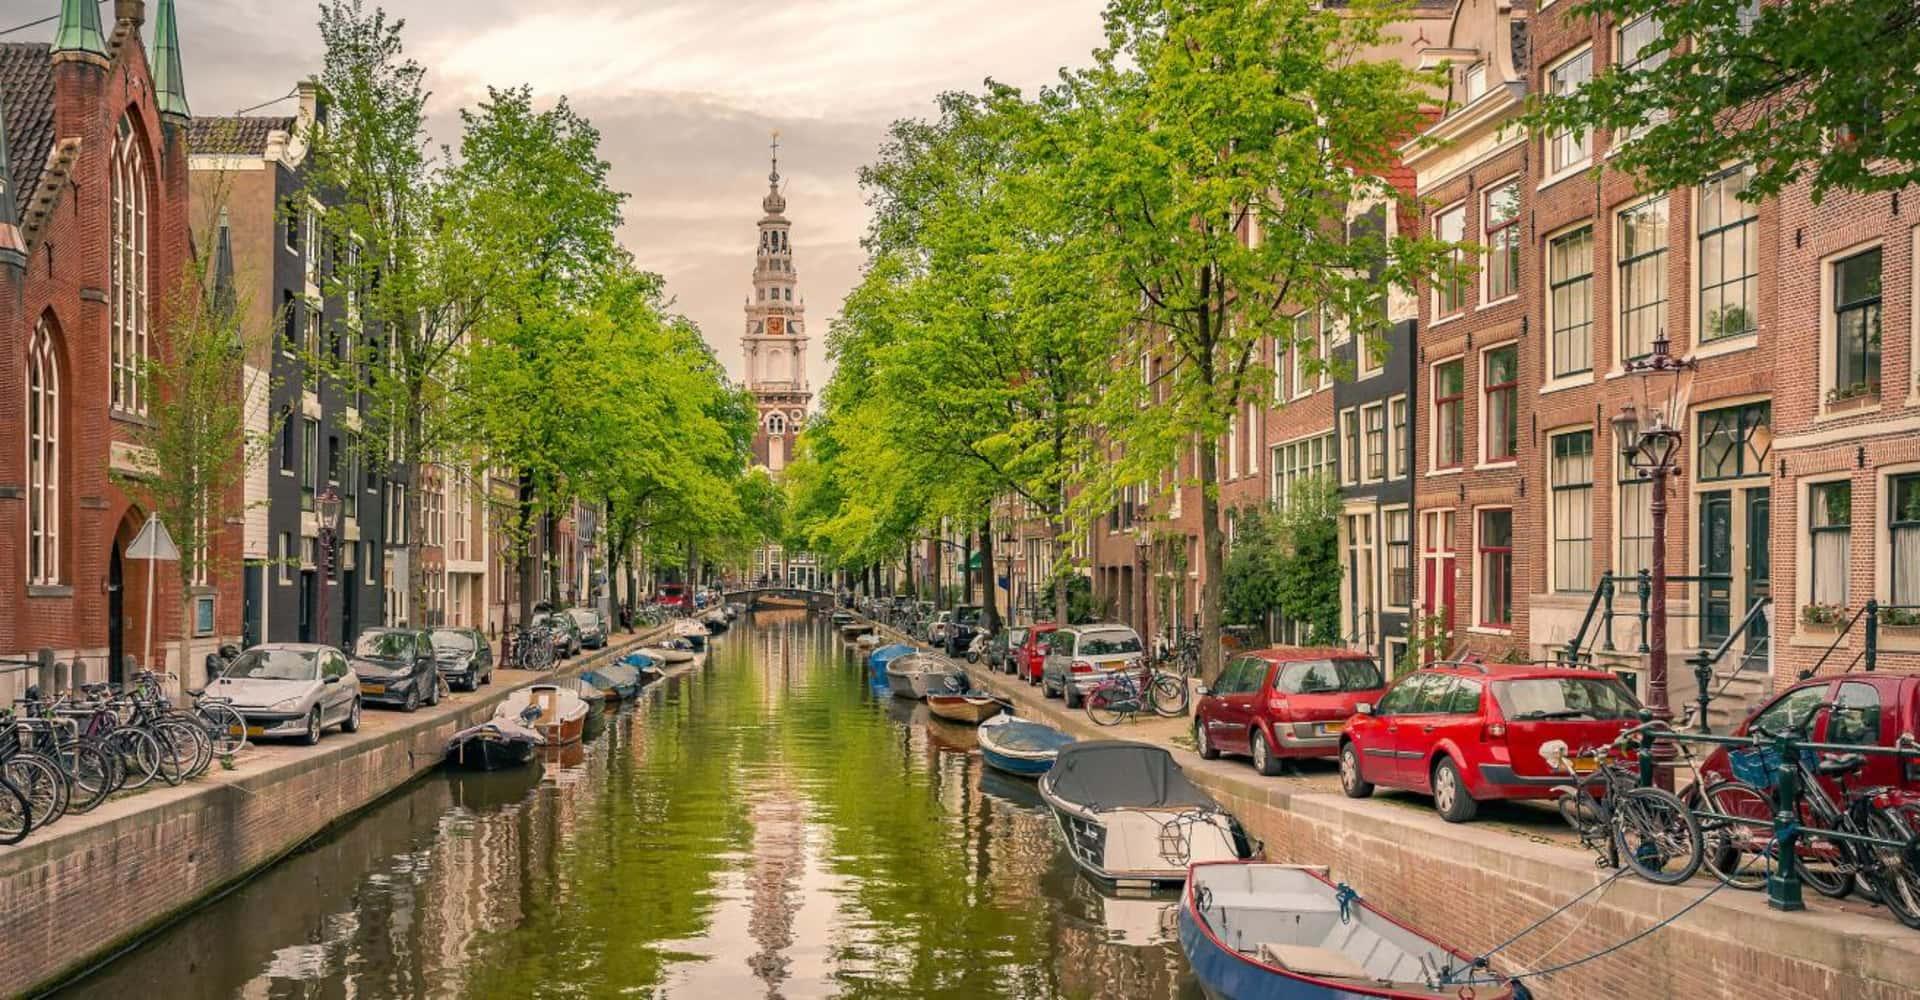 Das Jordaan-Viertel – The Toren Amsterdam – By The Pavilions